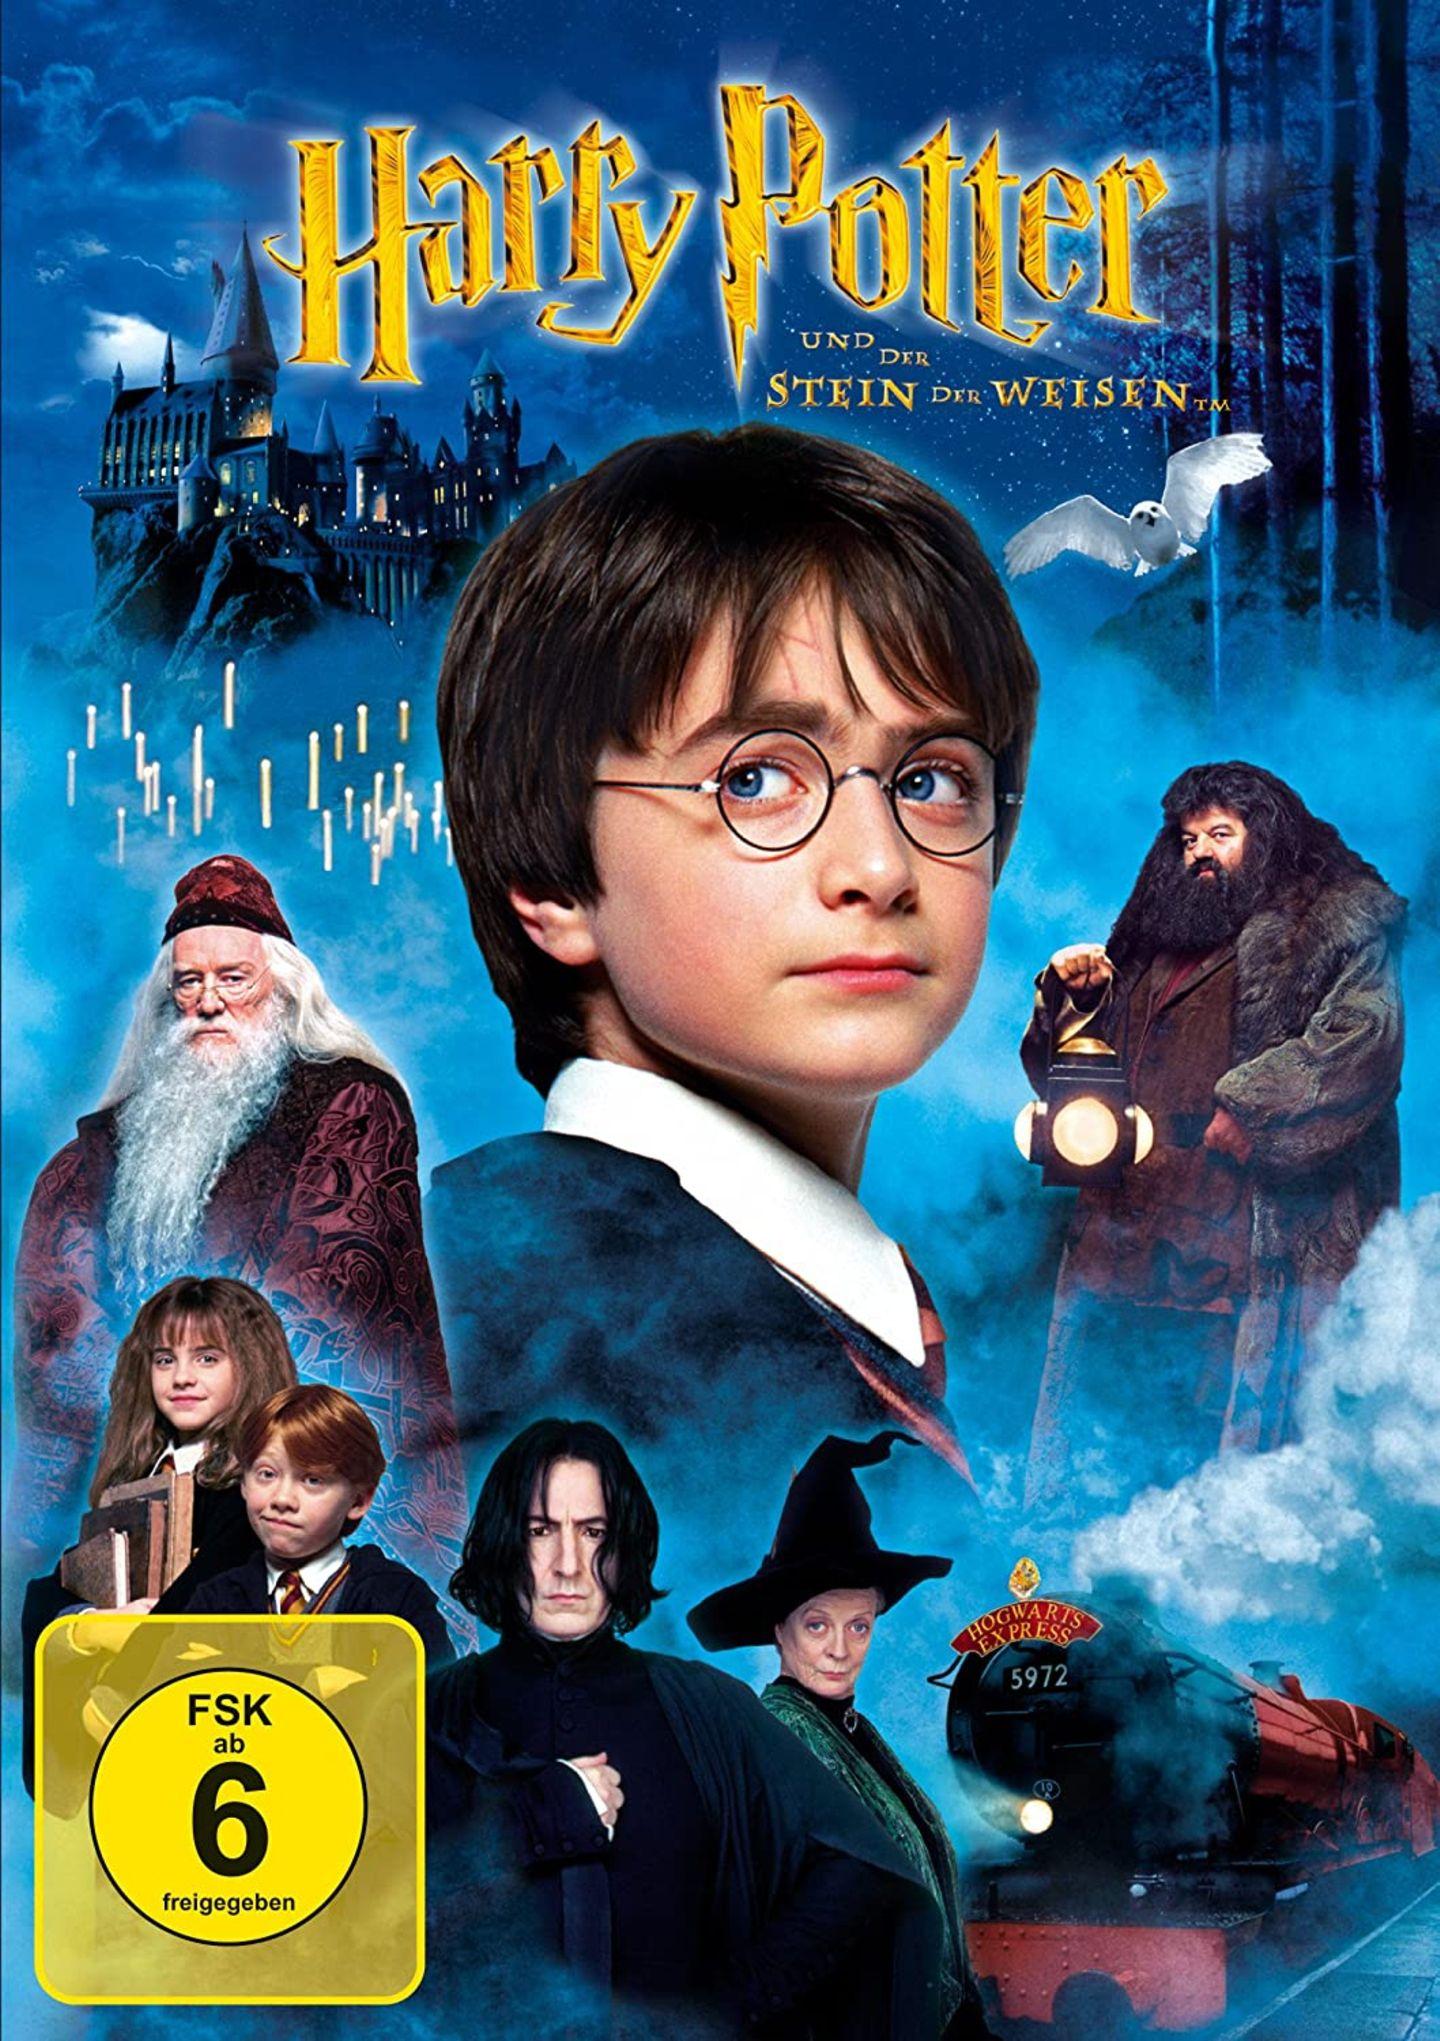 Filmtipps: Harry Potter